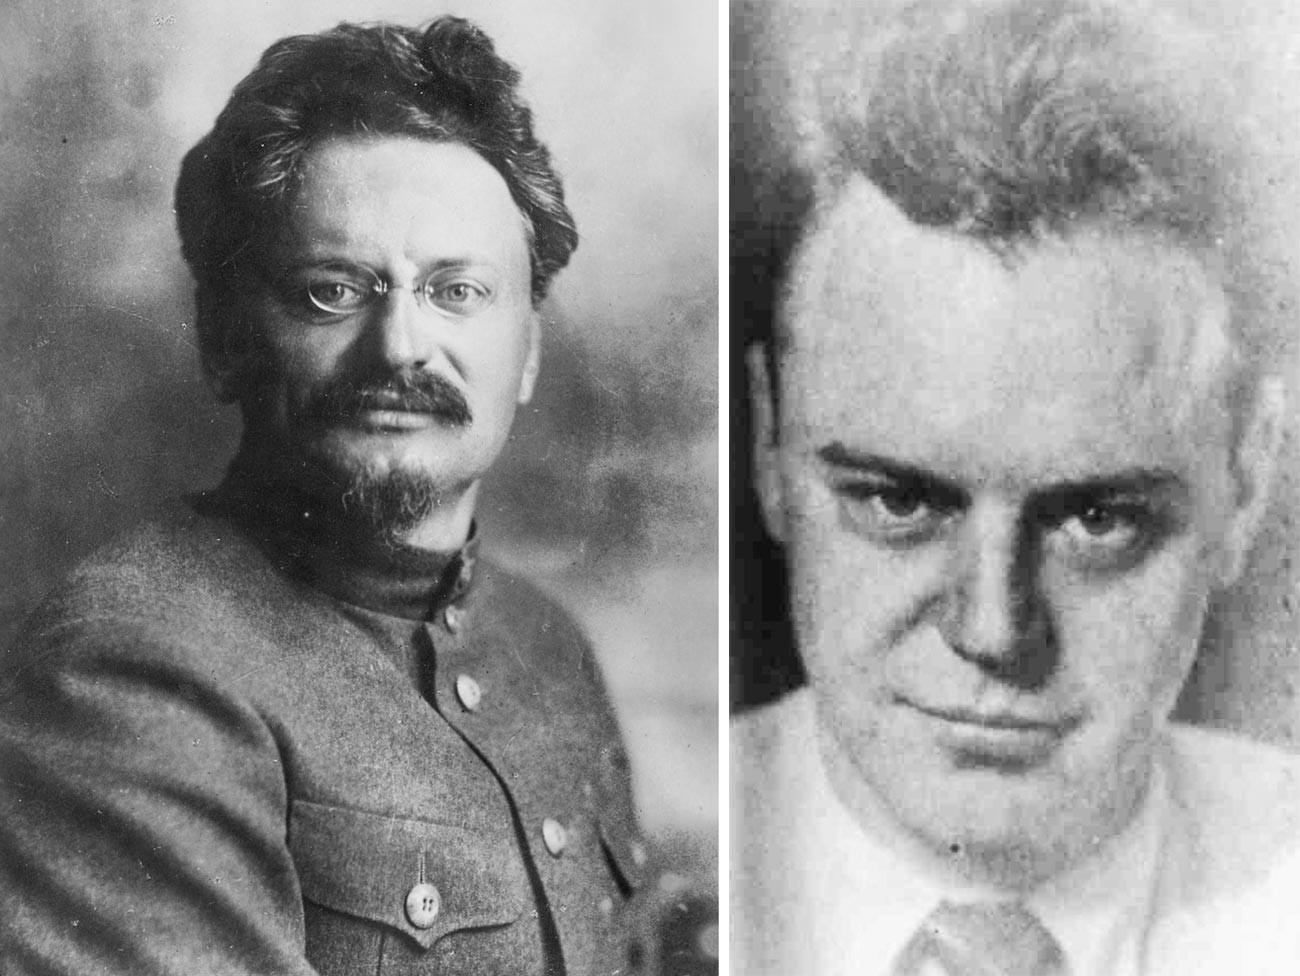 Leon Trotsky (L); Trotsky's son Lev Sedov